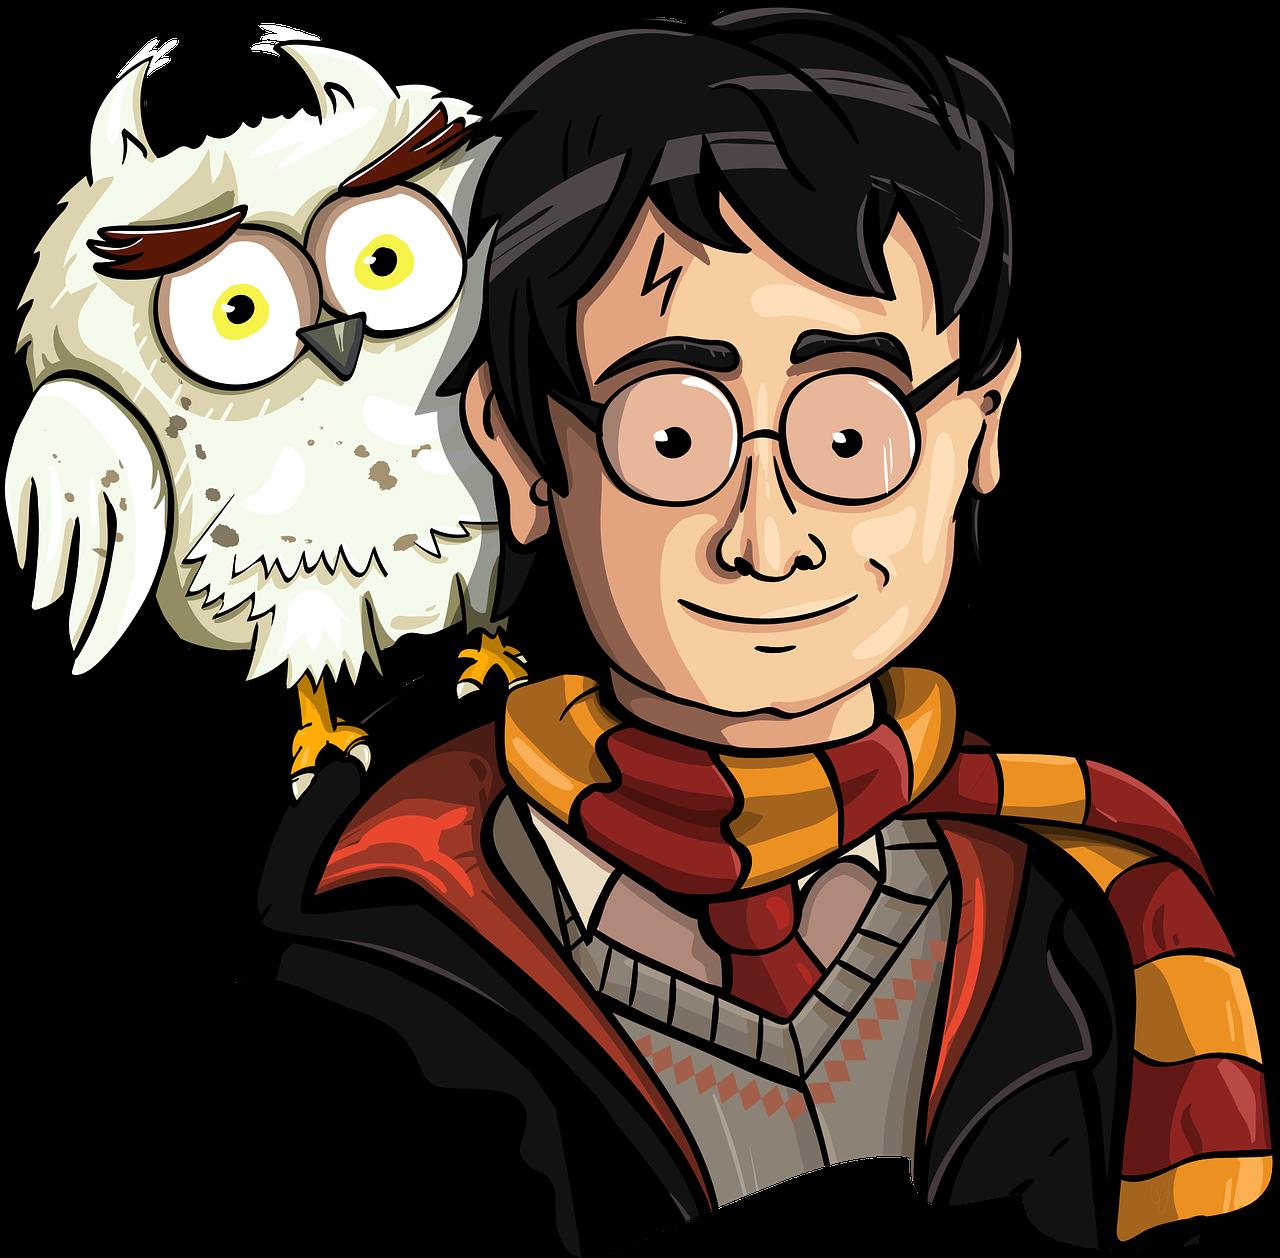 Harry Potter Fan Art The Wizard Owl Harry Free Image From